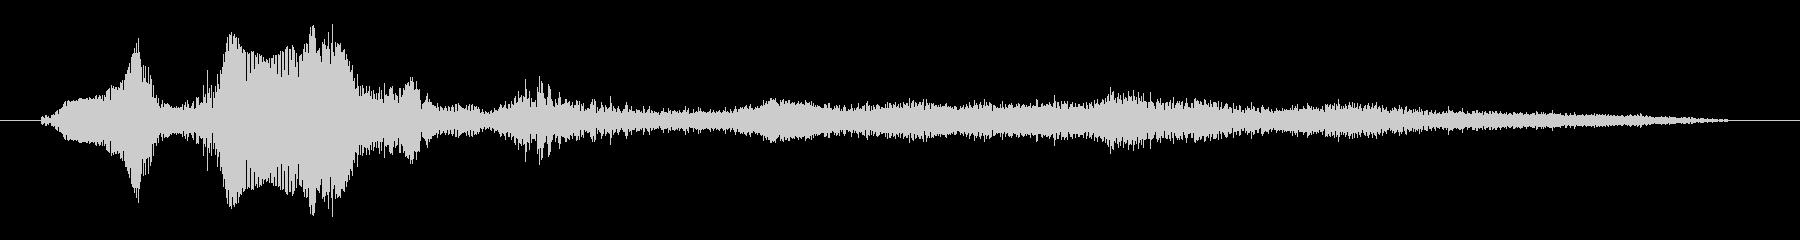 モンスター ダイ03の未再生の波形